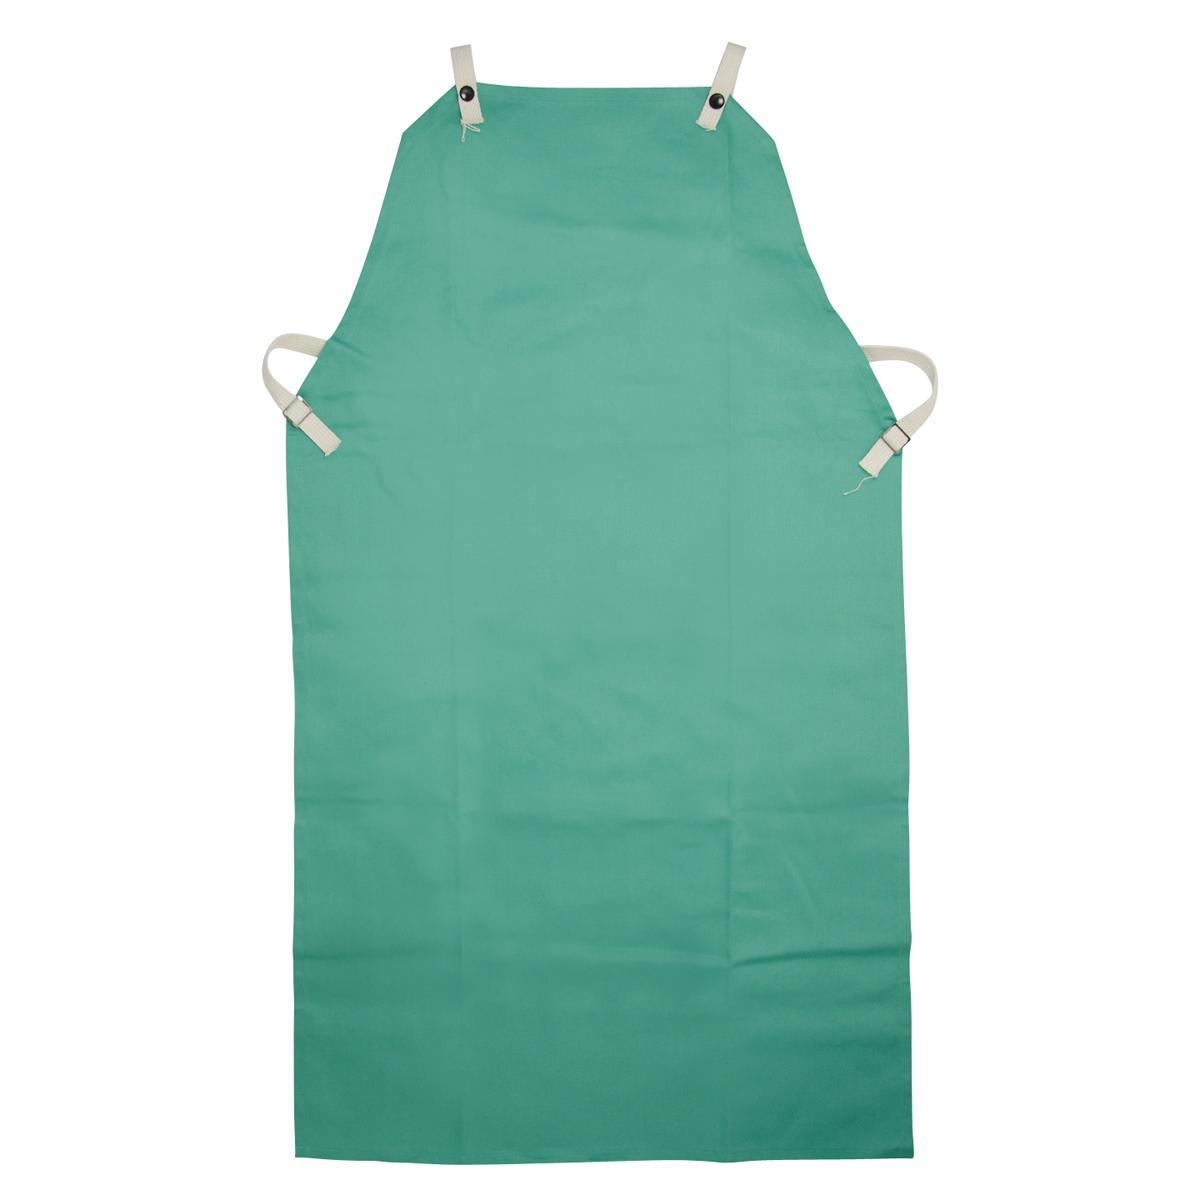 FR cotton apron, adjustable cotton straps